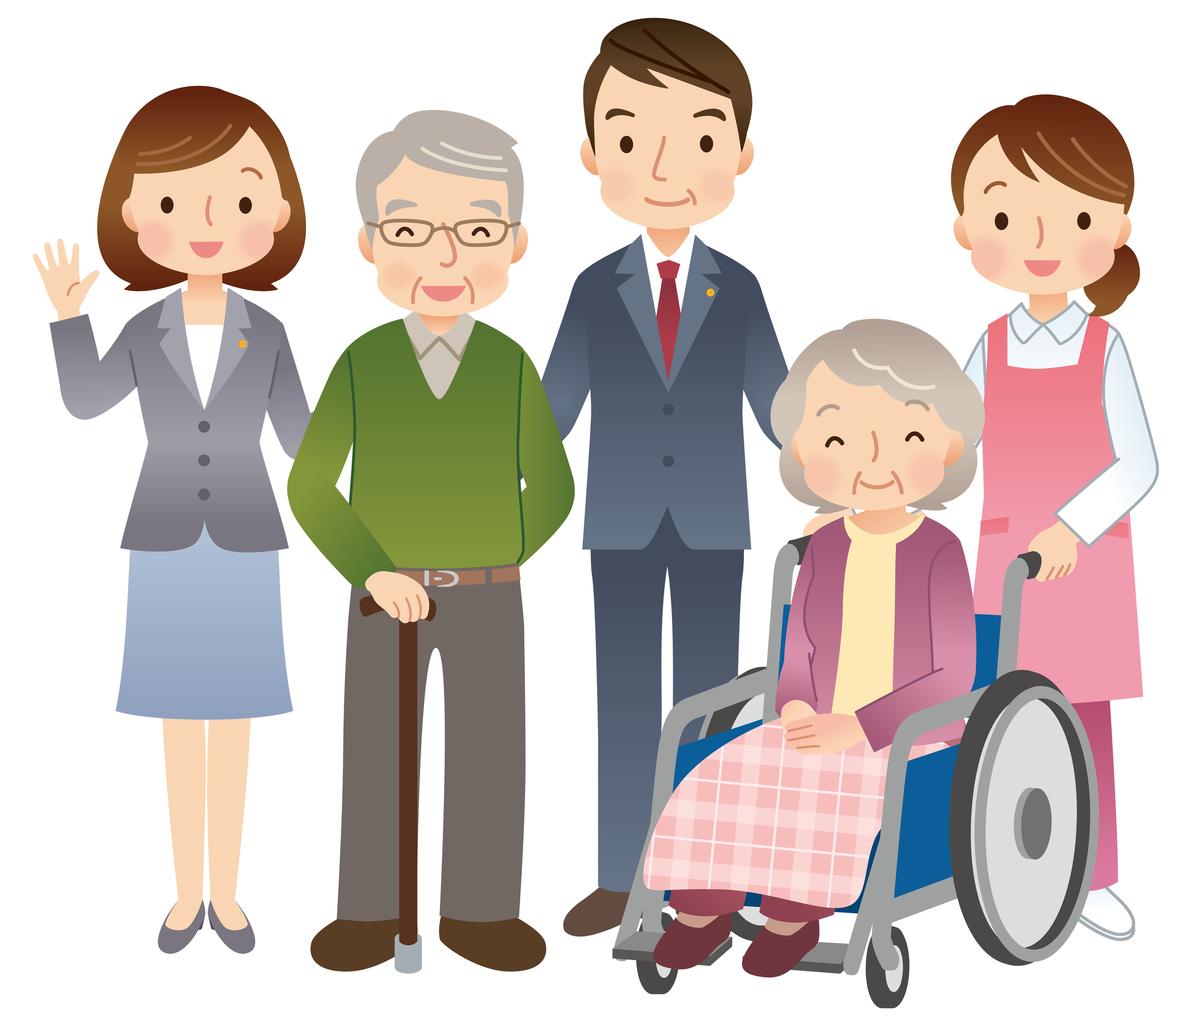 成年後見人制度や遺言書と比較すると何が違うか?